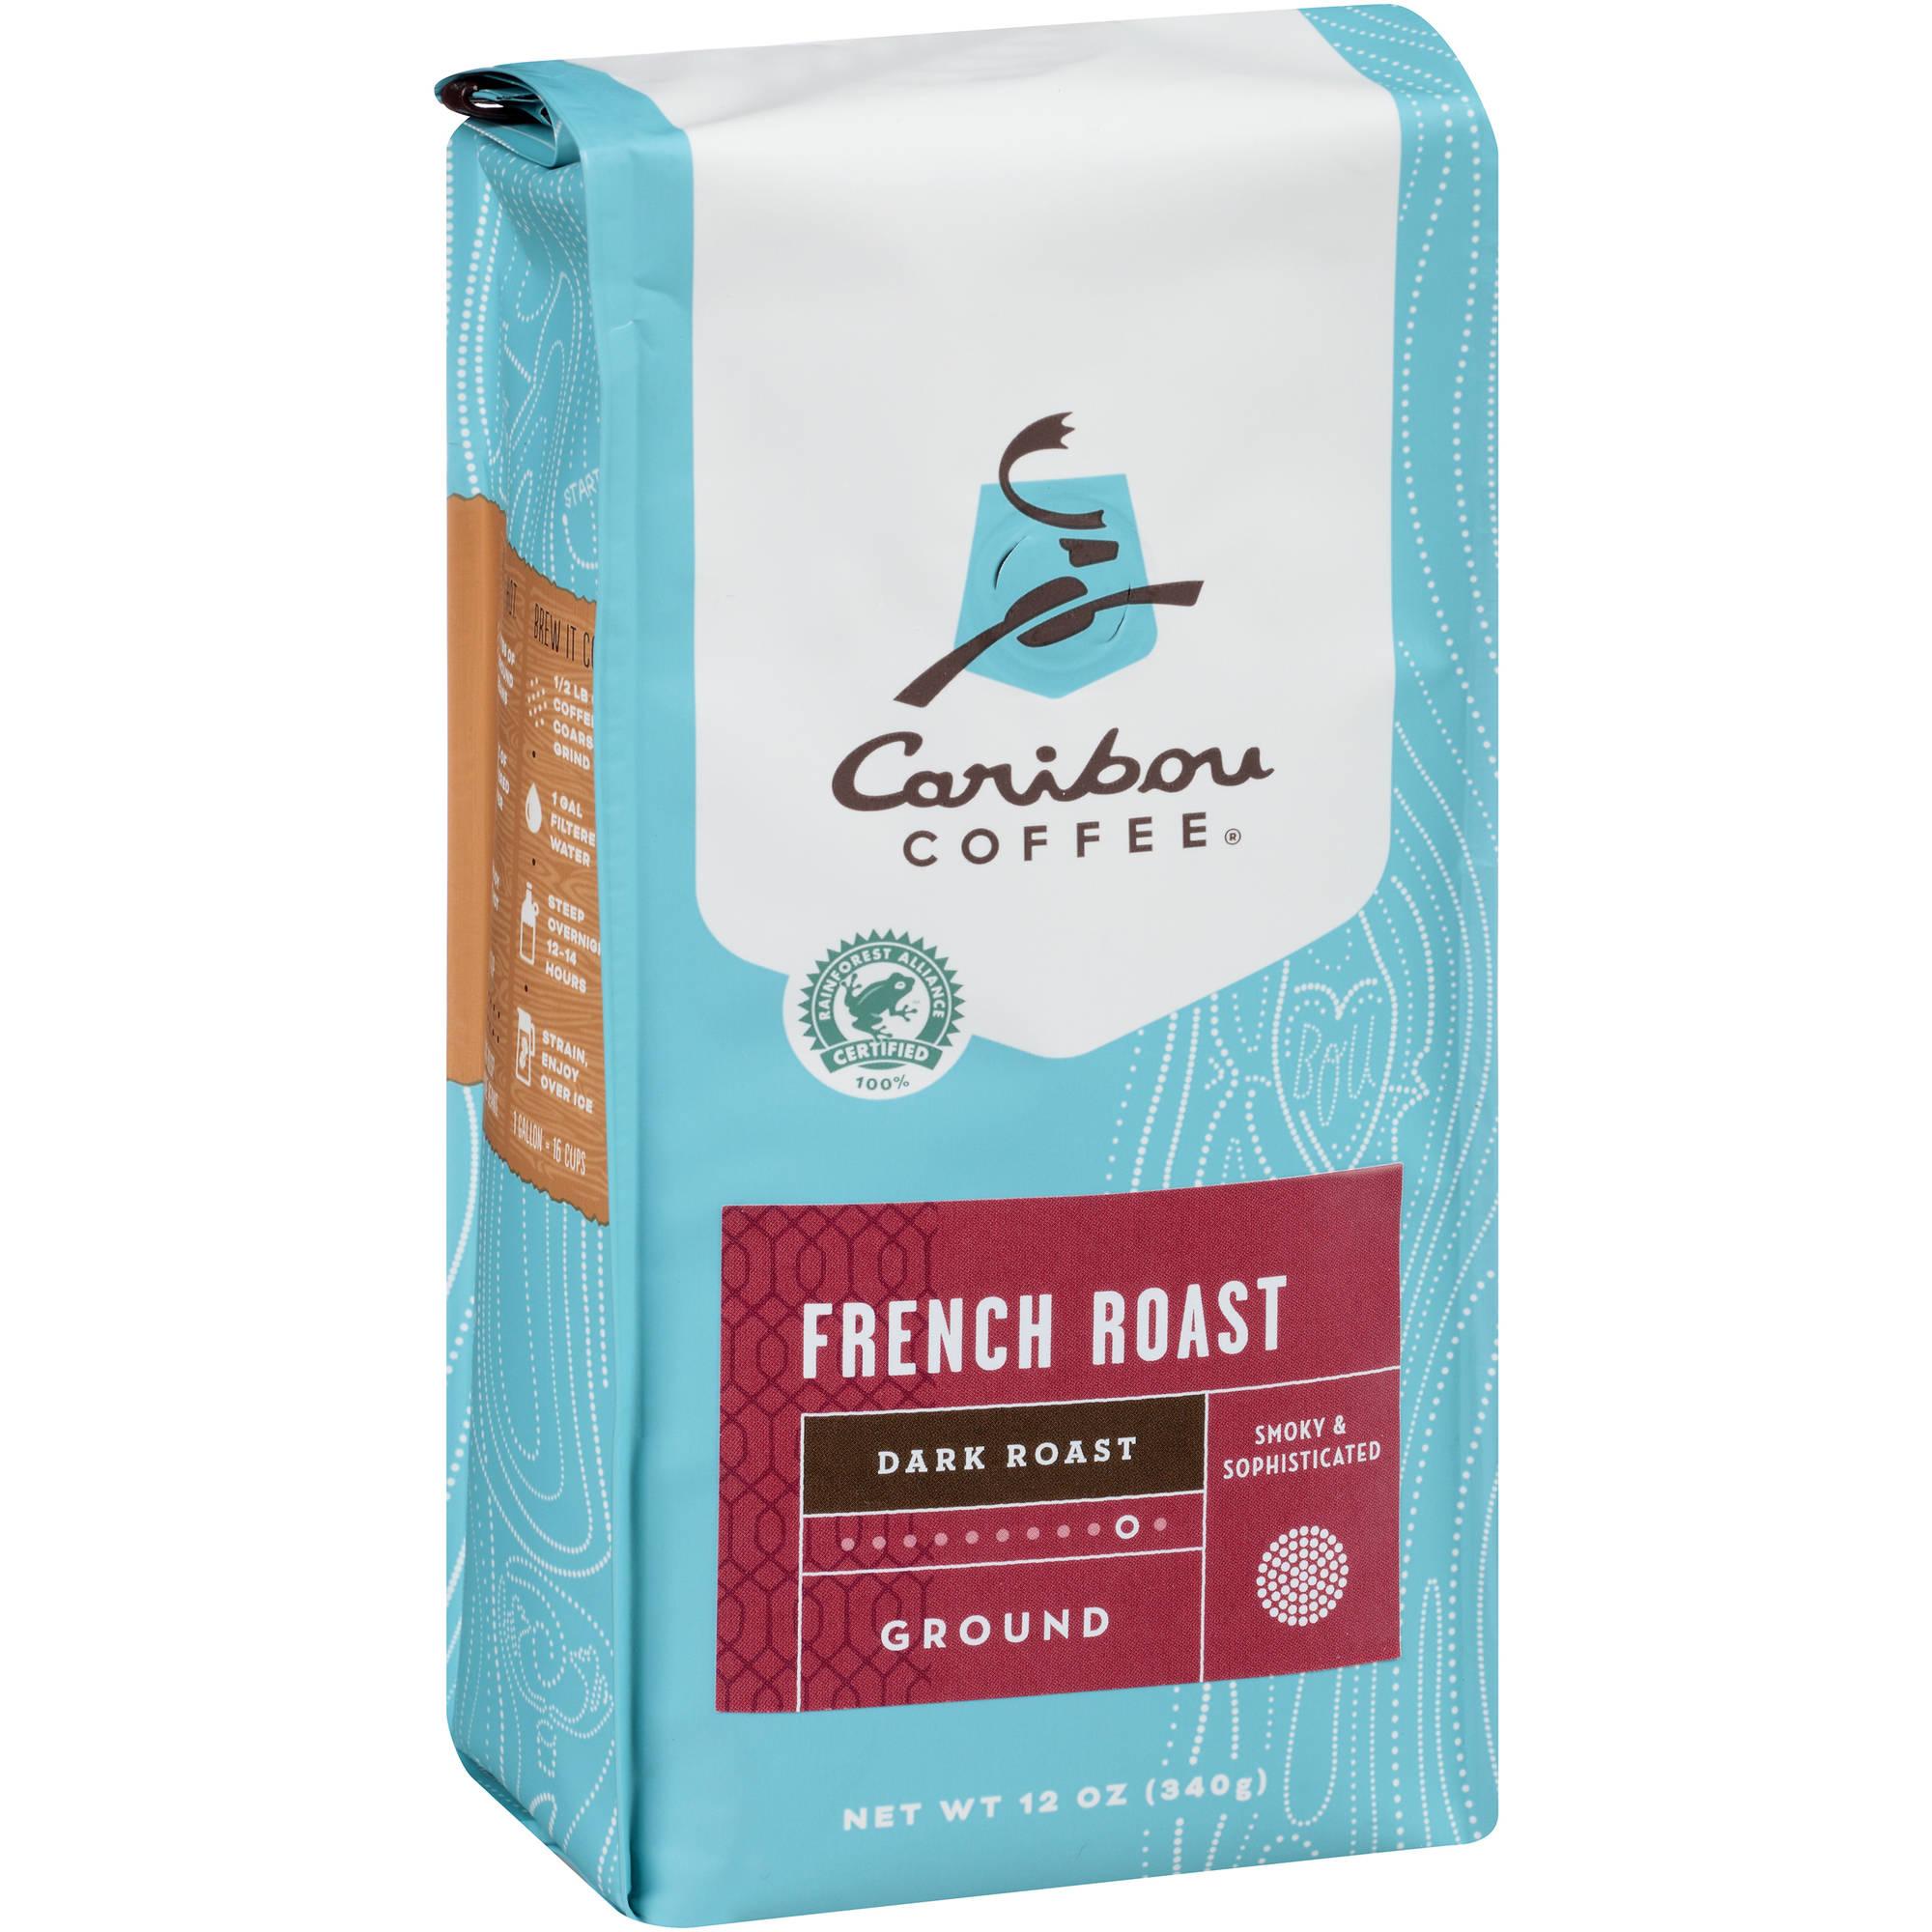 Caribou Coffee French Roast Dark Roast Ground Coffee, 12 oz